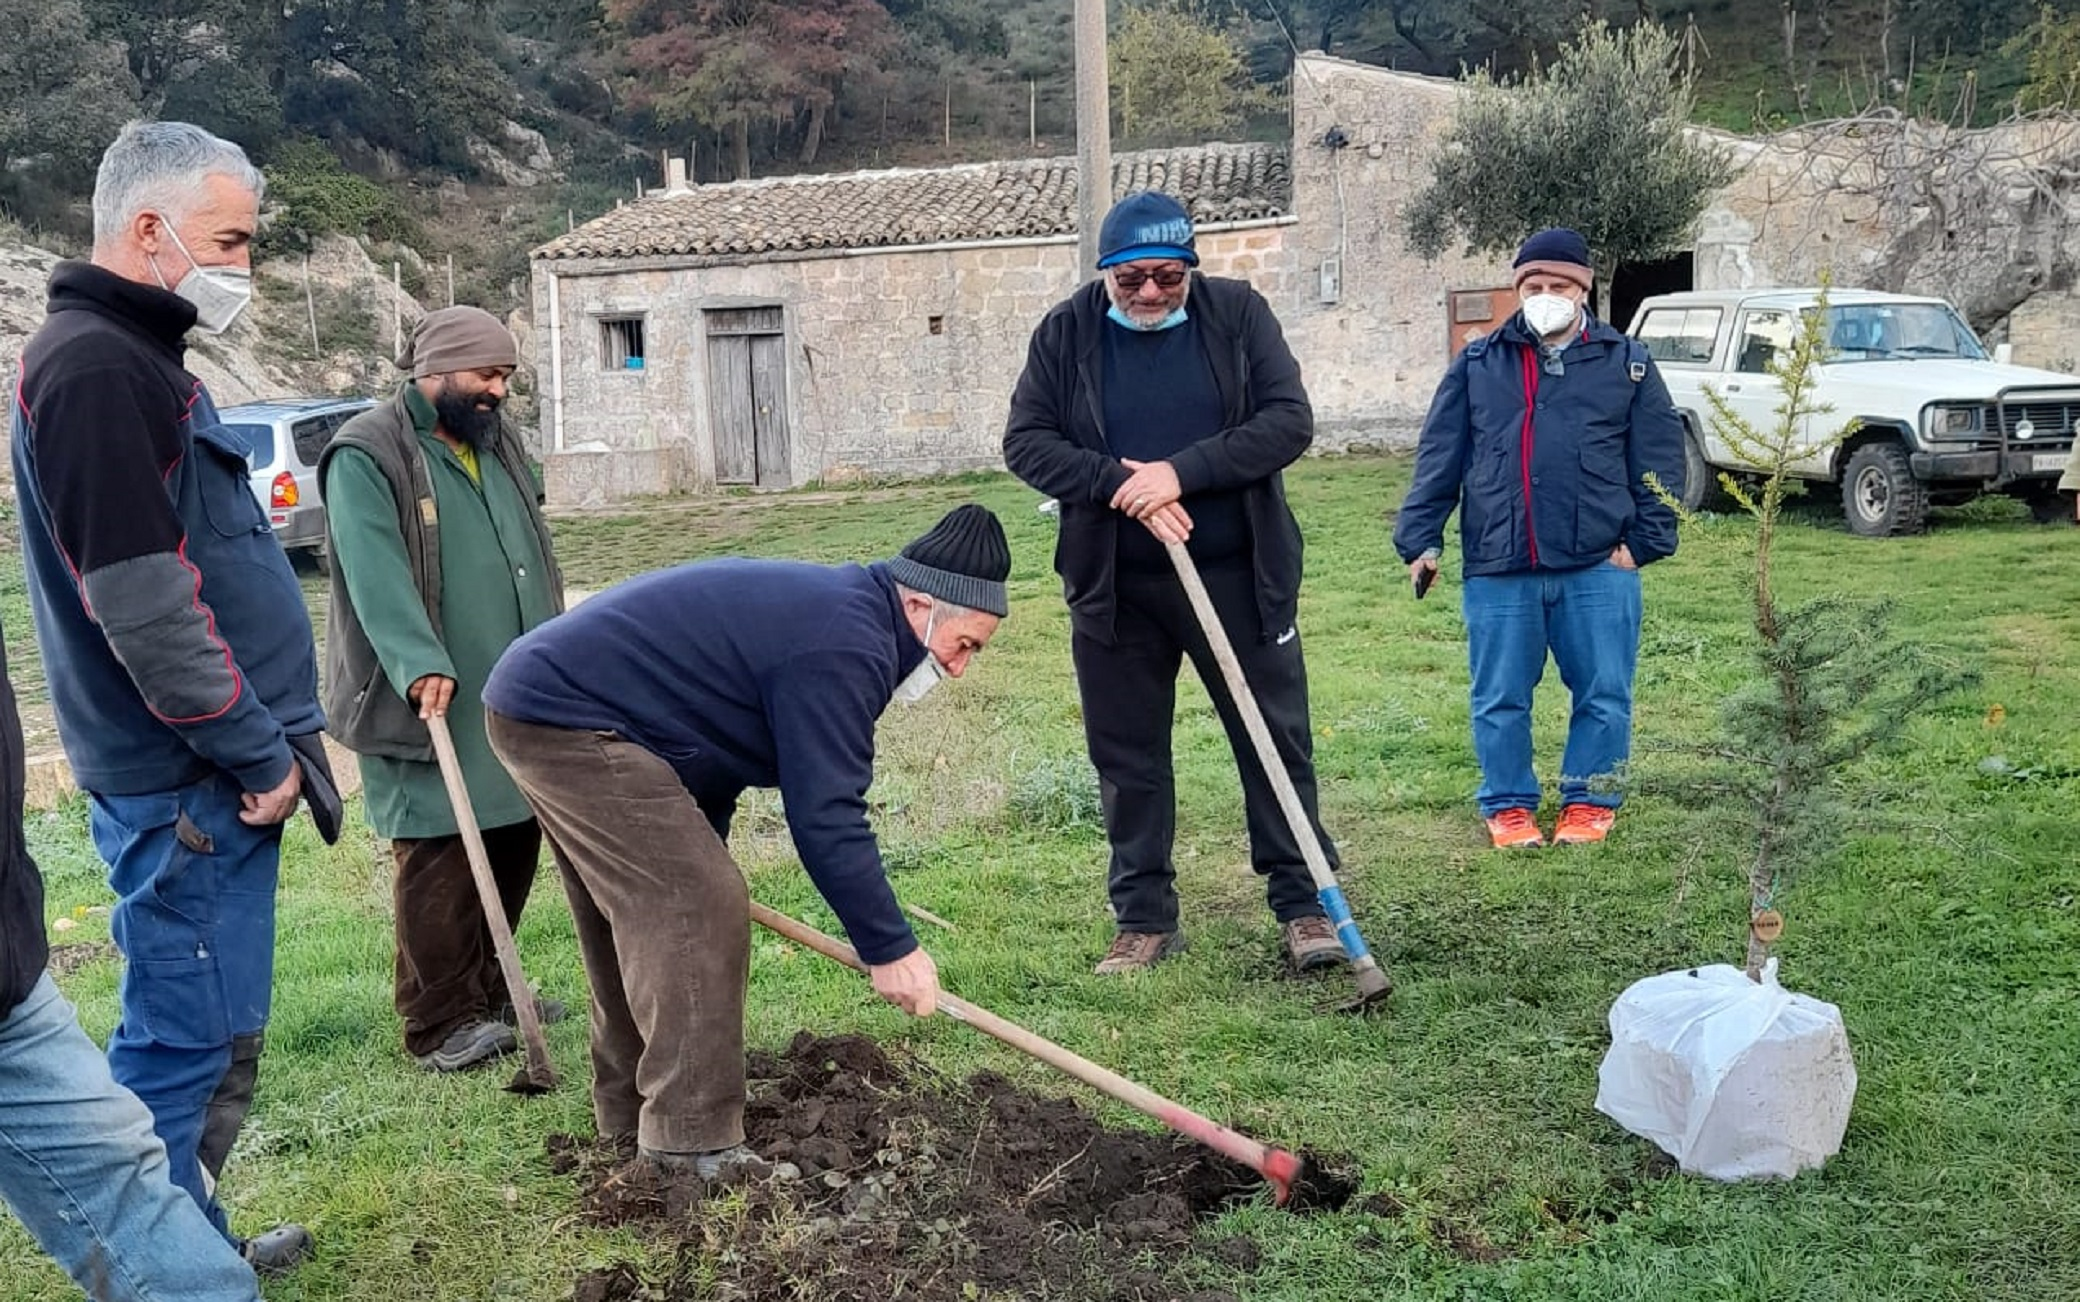 Missione Speranza e Carità pianta 17 alberi a Godrano, nel Palermitano